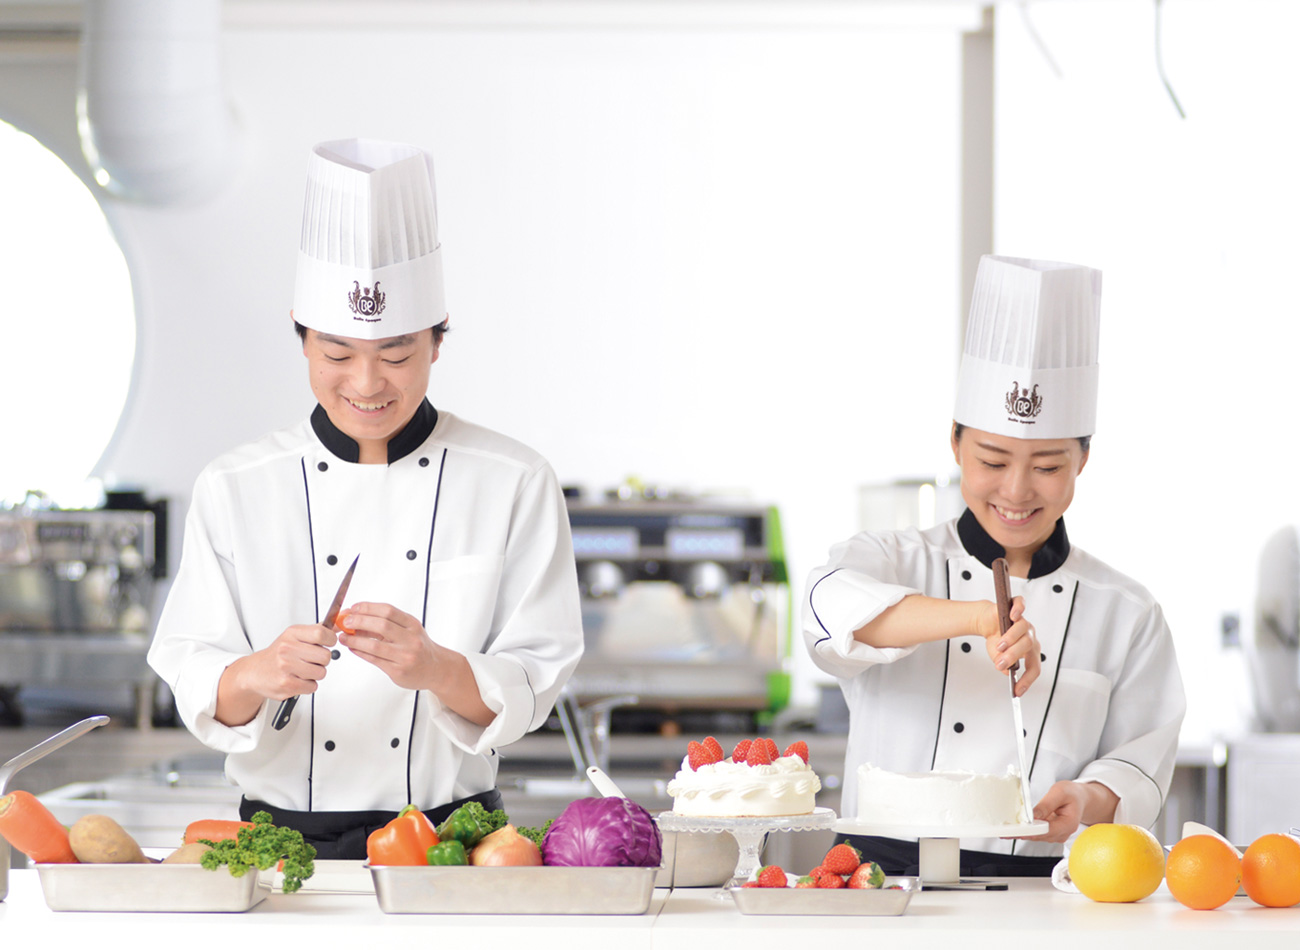 埼玉ベルエポック製菓調理専門学校